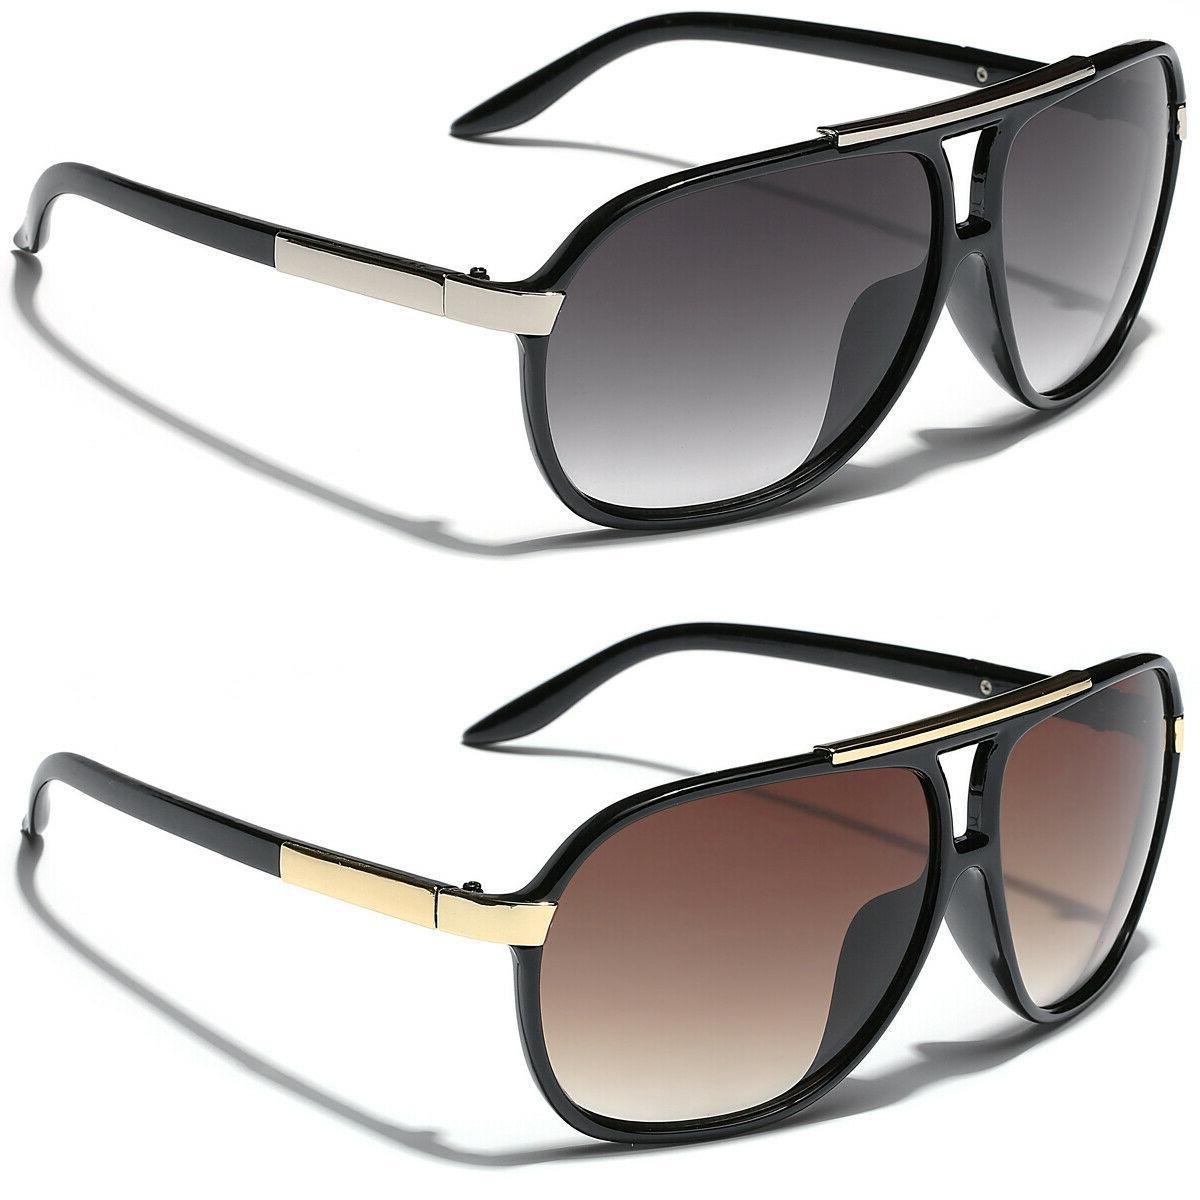 retro 80s fashion aviator sunglasses black white